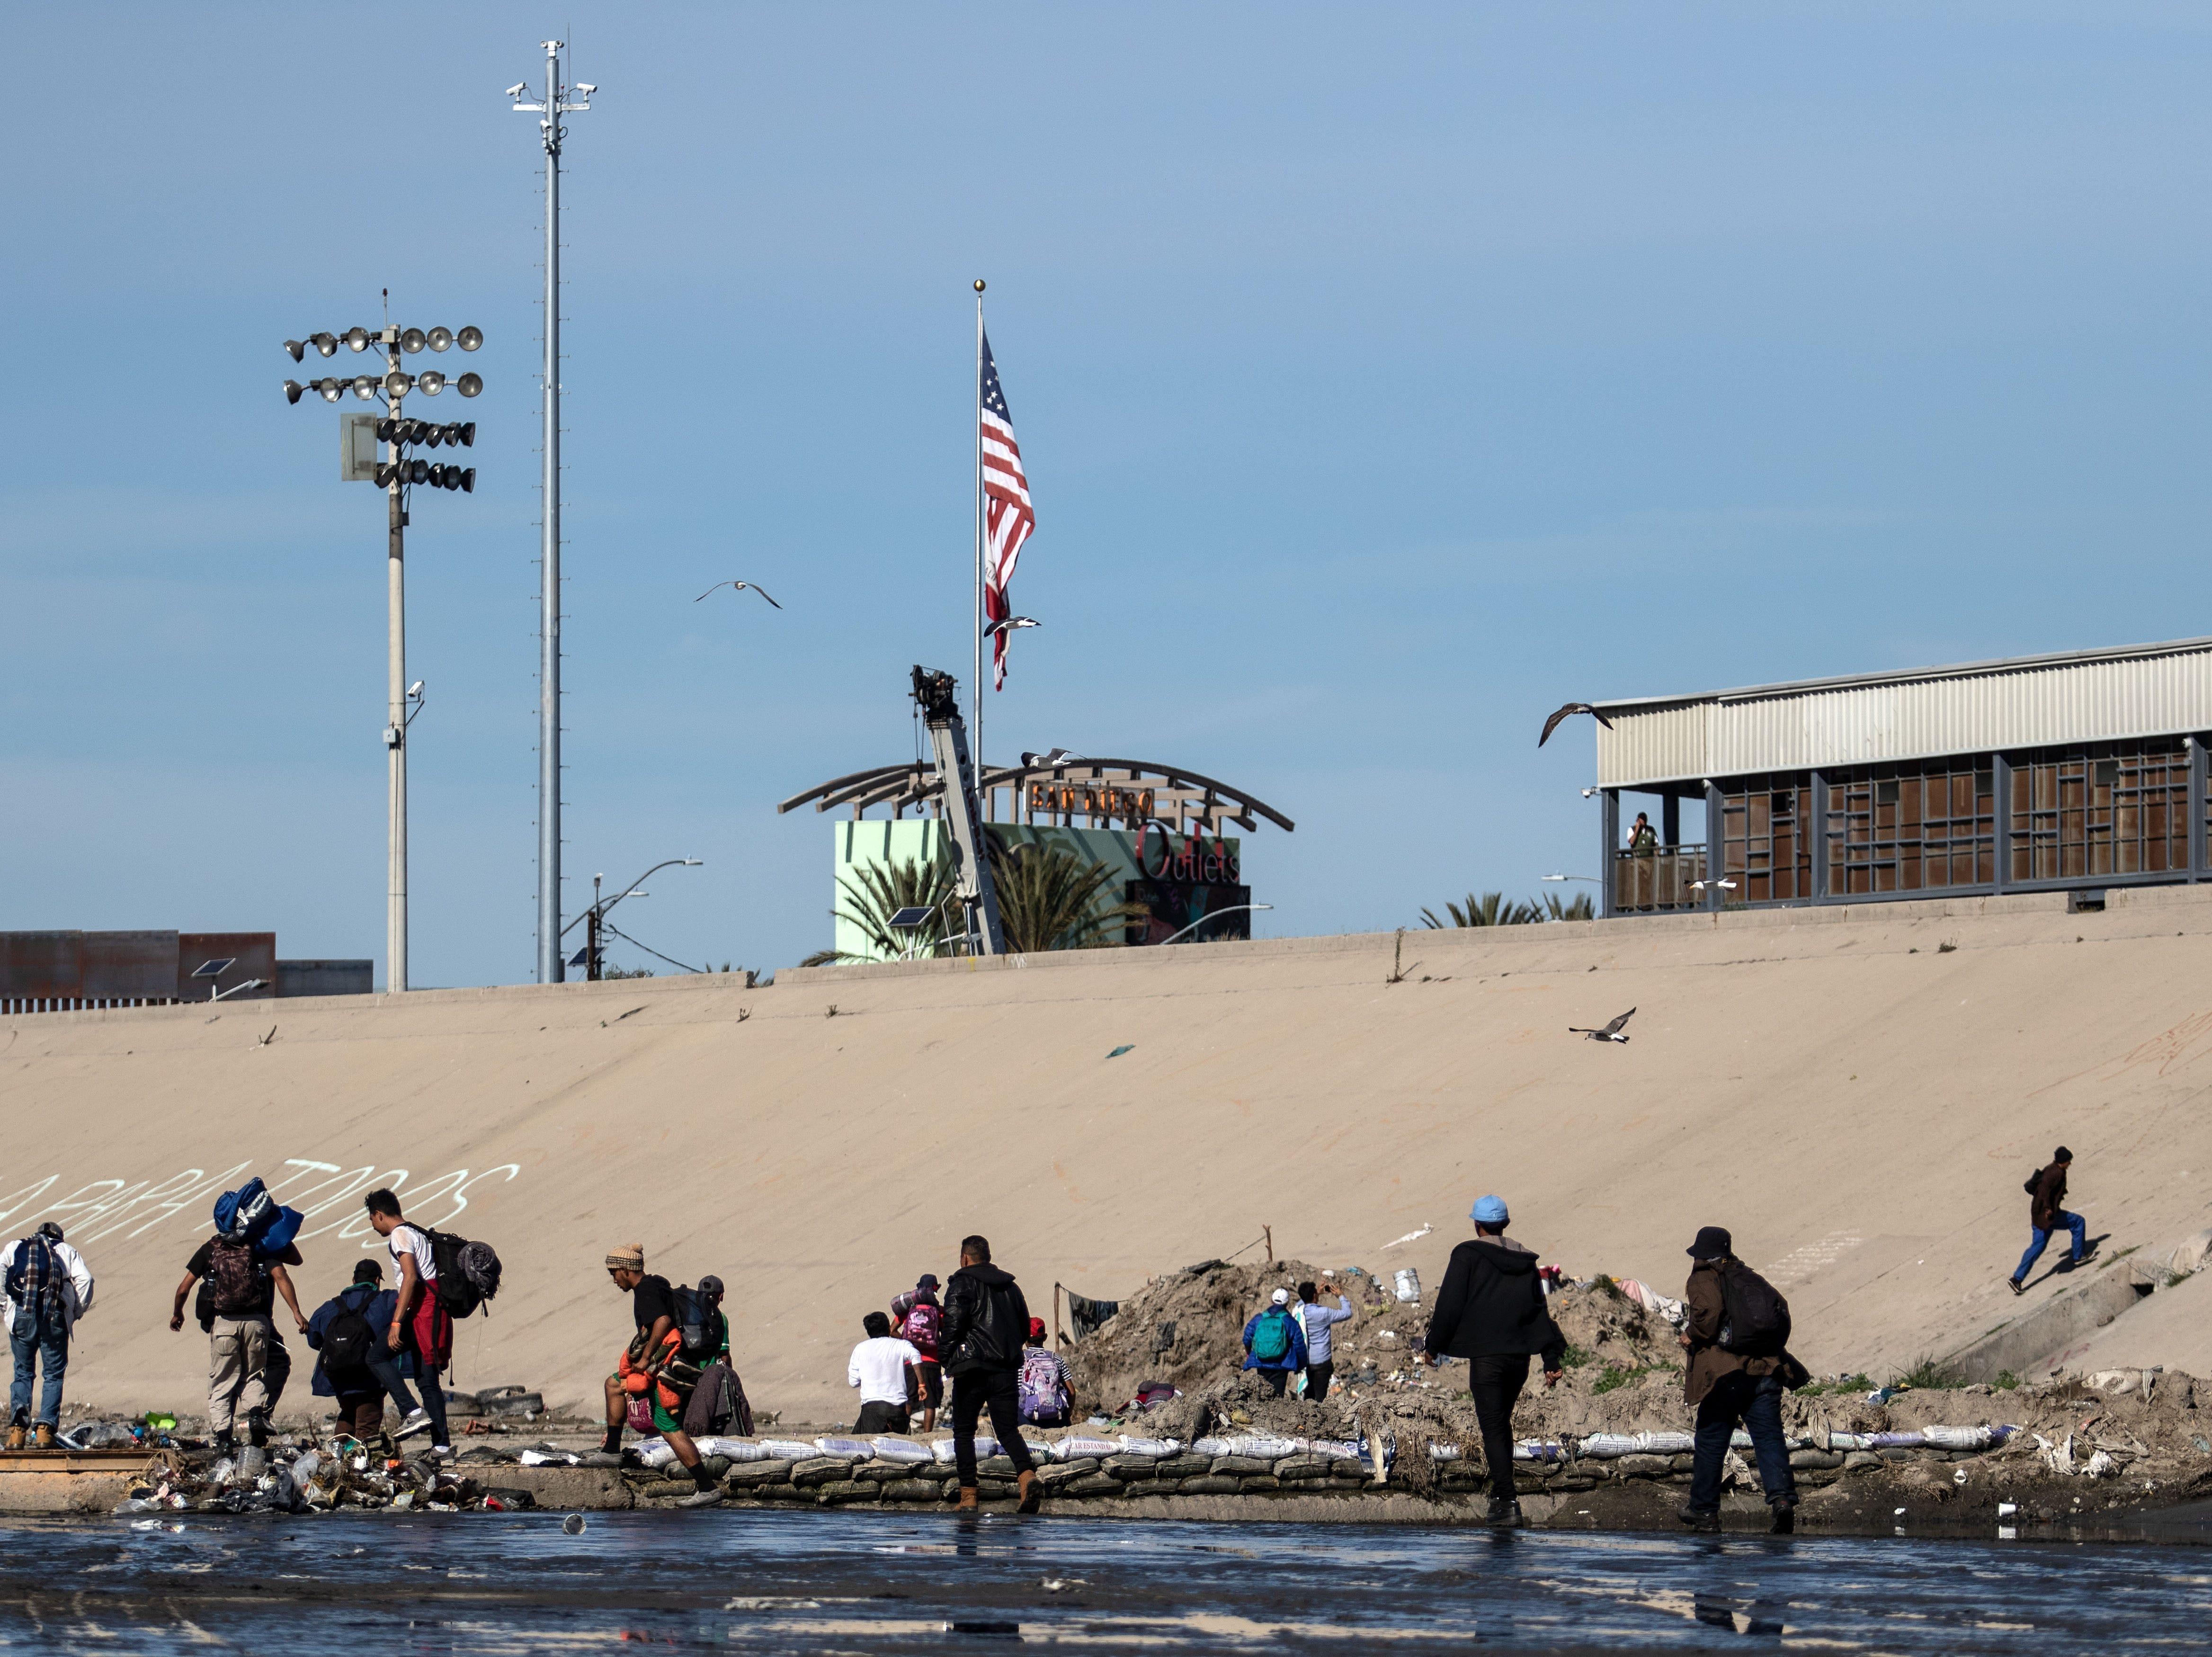 Los migrantes centroamericanos, principalmente de Honduras, cruzan la vía de agua poco profunda del río Tijuana en su intento ppor llegar al punto fronterizo de El Chaparral en Tijuana, estado de Baja California, México, el 25 de noviembre de 2018.